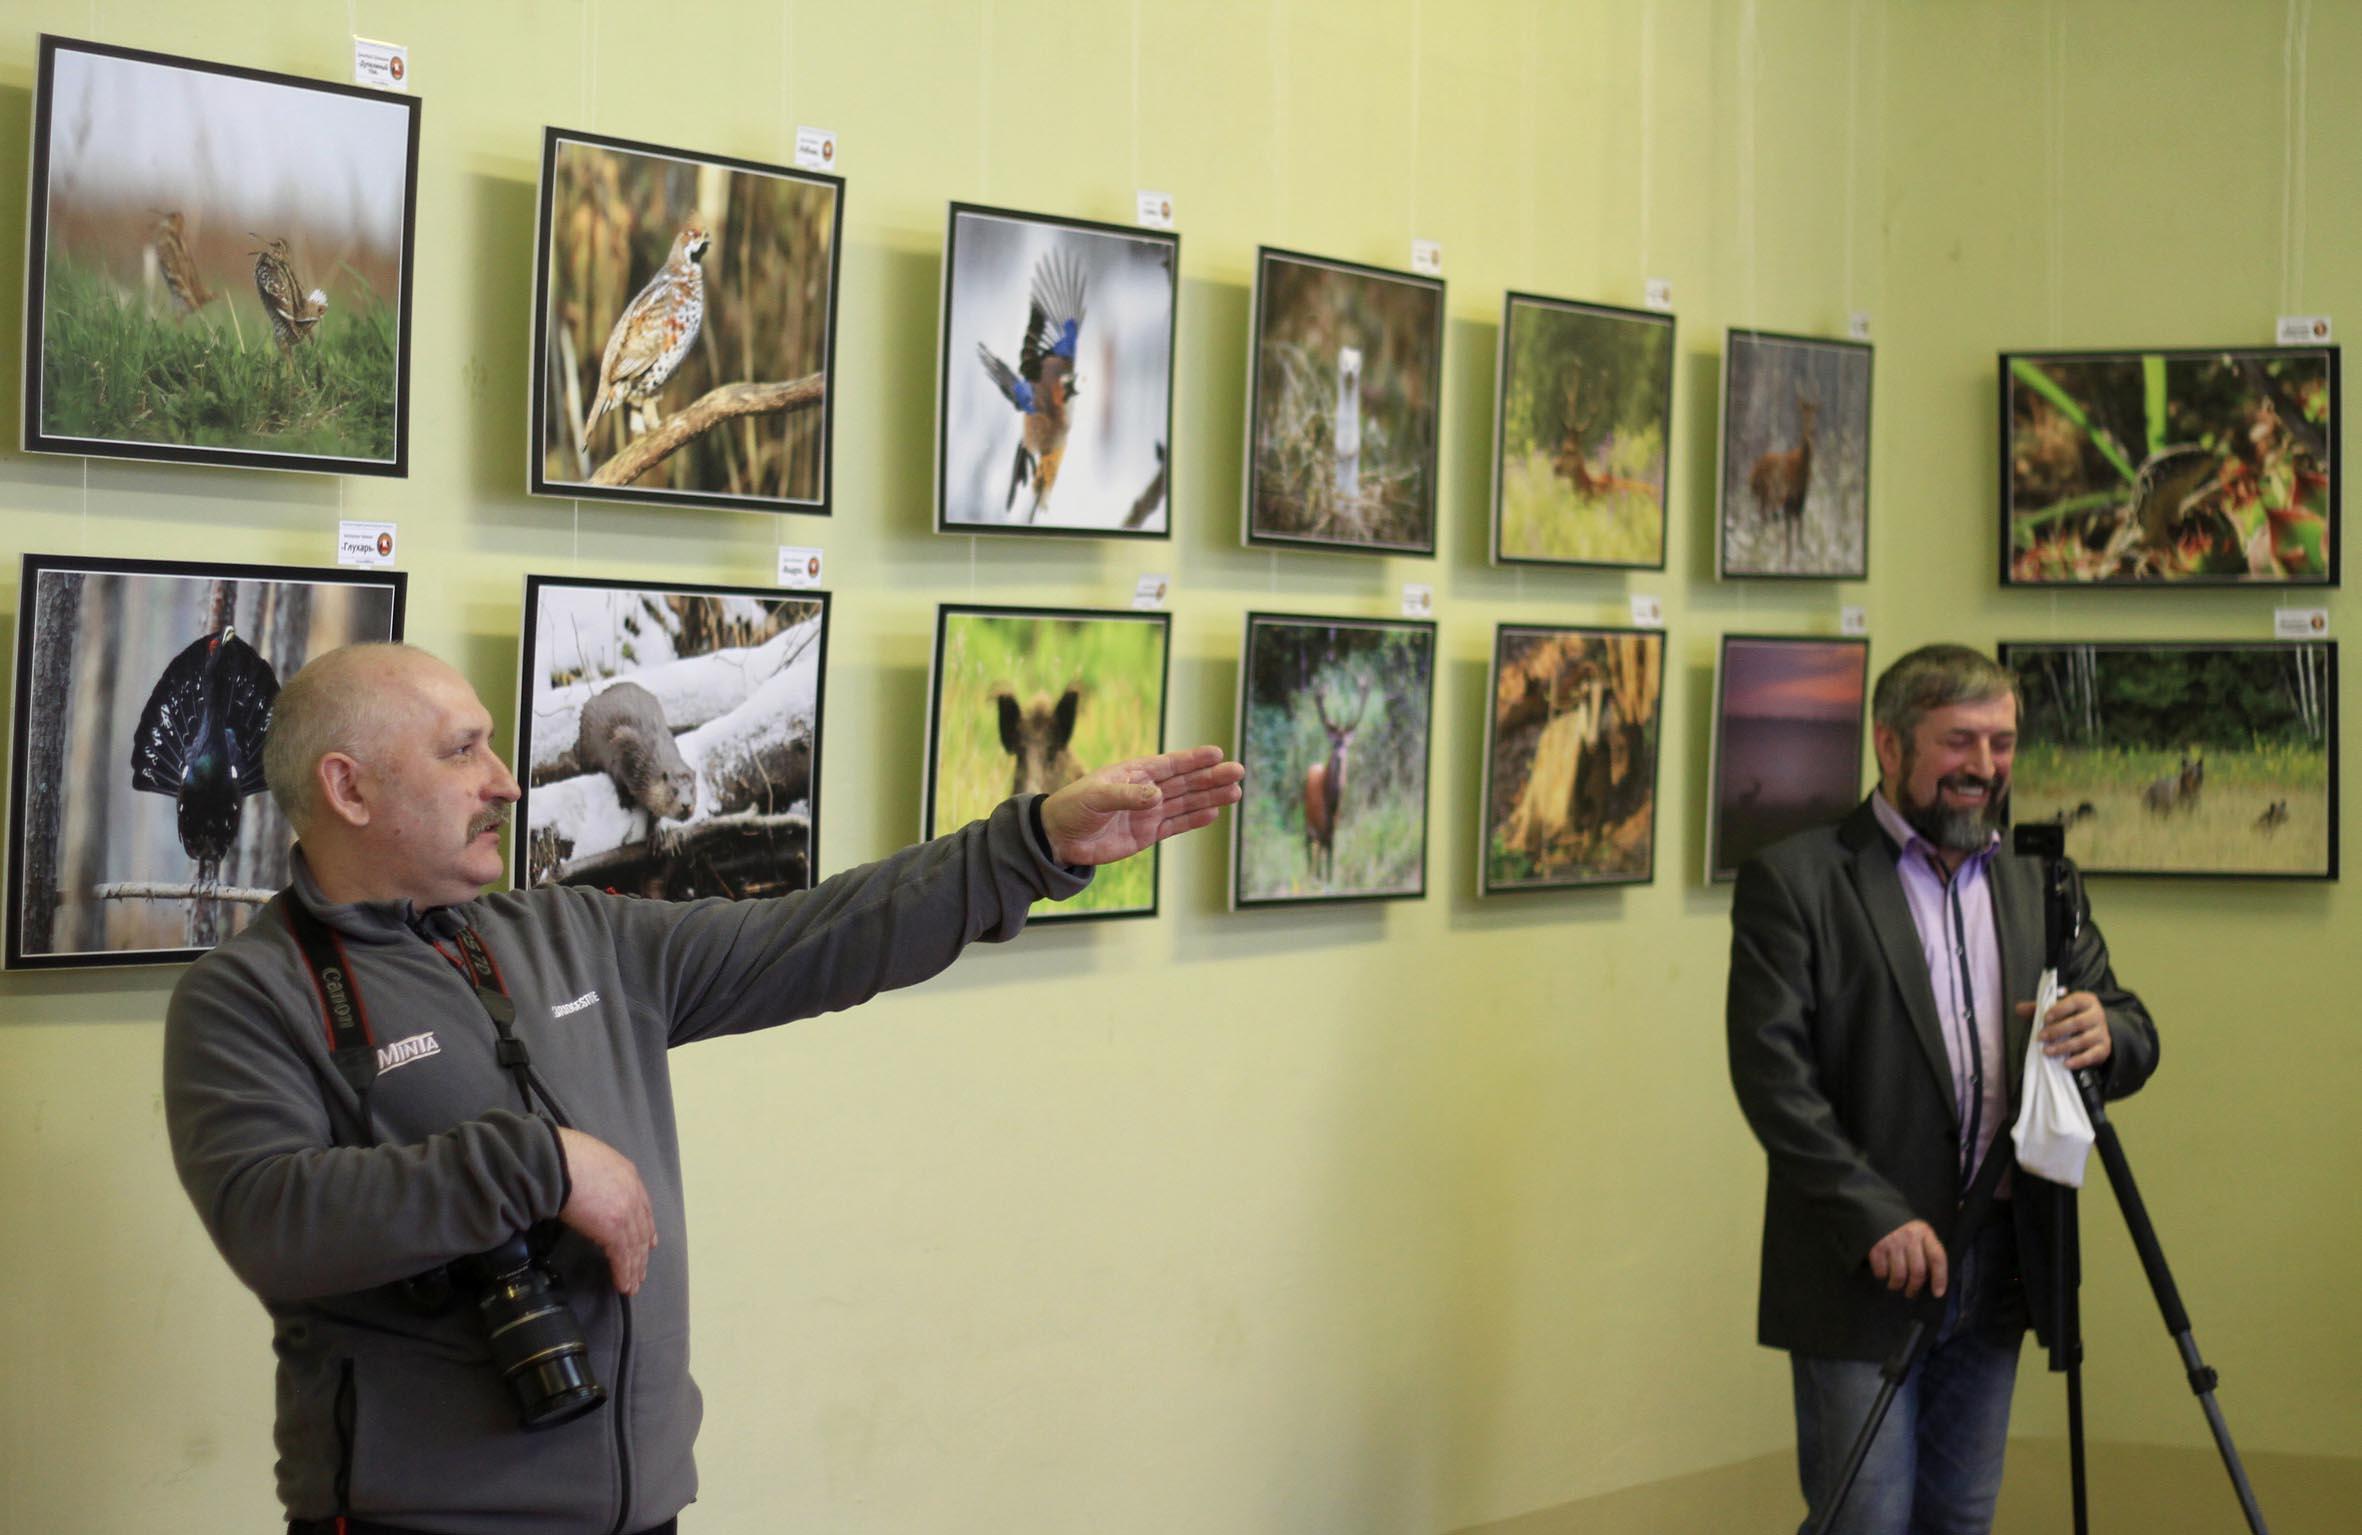 В Шарковщине открылась фотовыставка членов клуба фотоохотников дикой природы Беларуси